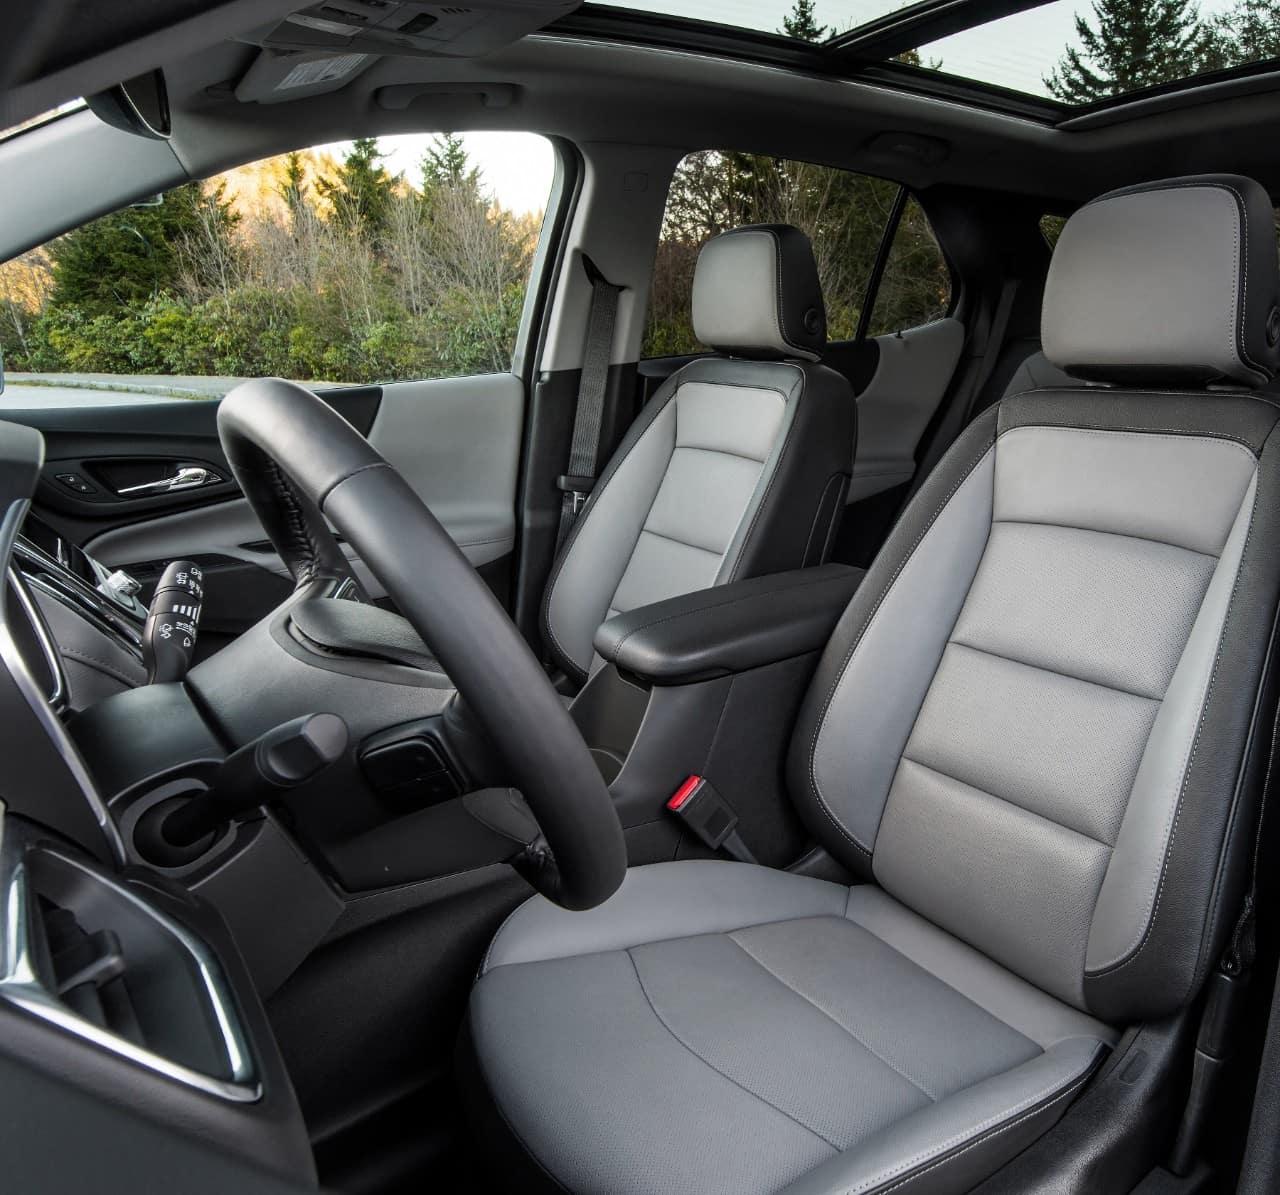 interior - 2018 Chevrolet Equinox Libertyville IL